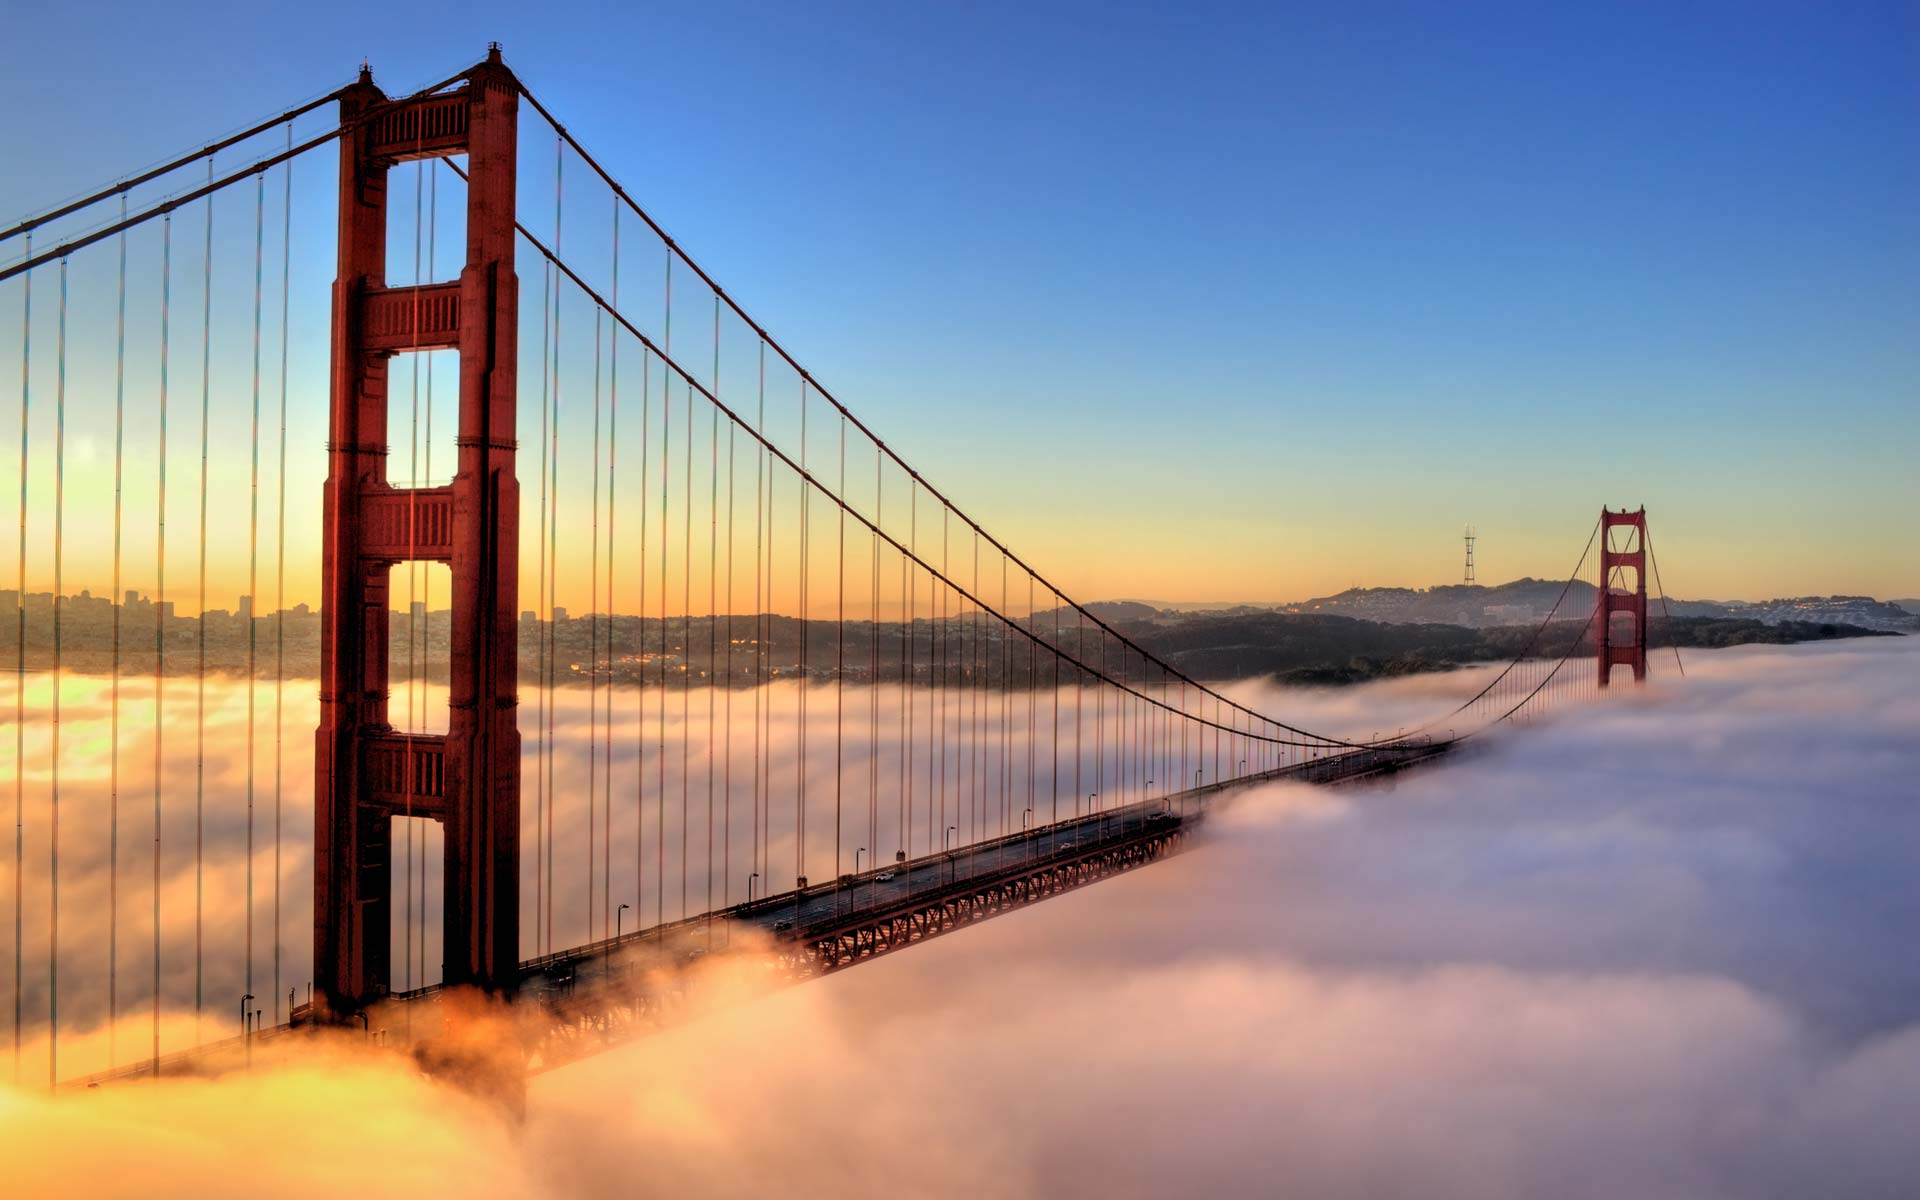 Где стоит побывать - Мост золотые ворота Калифорния